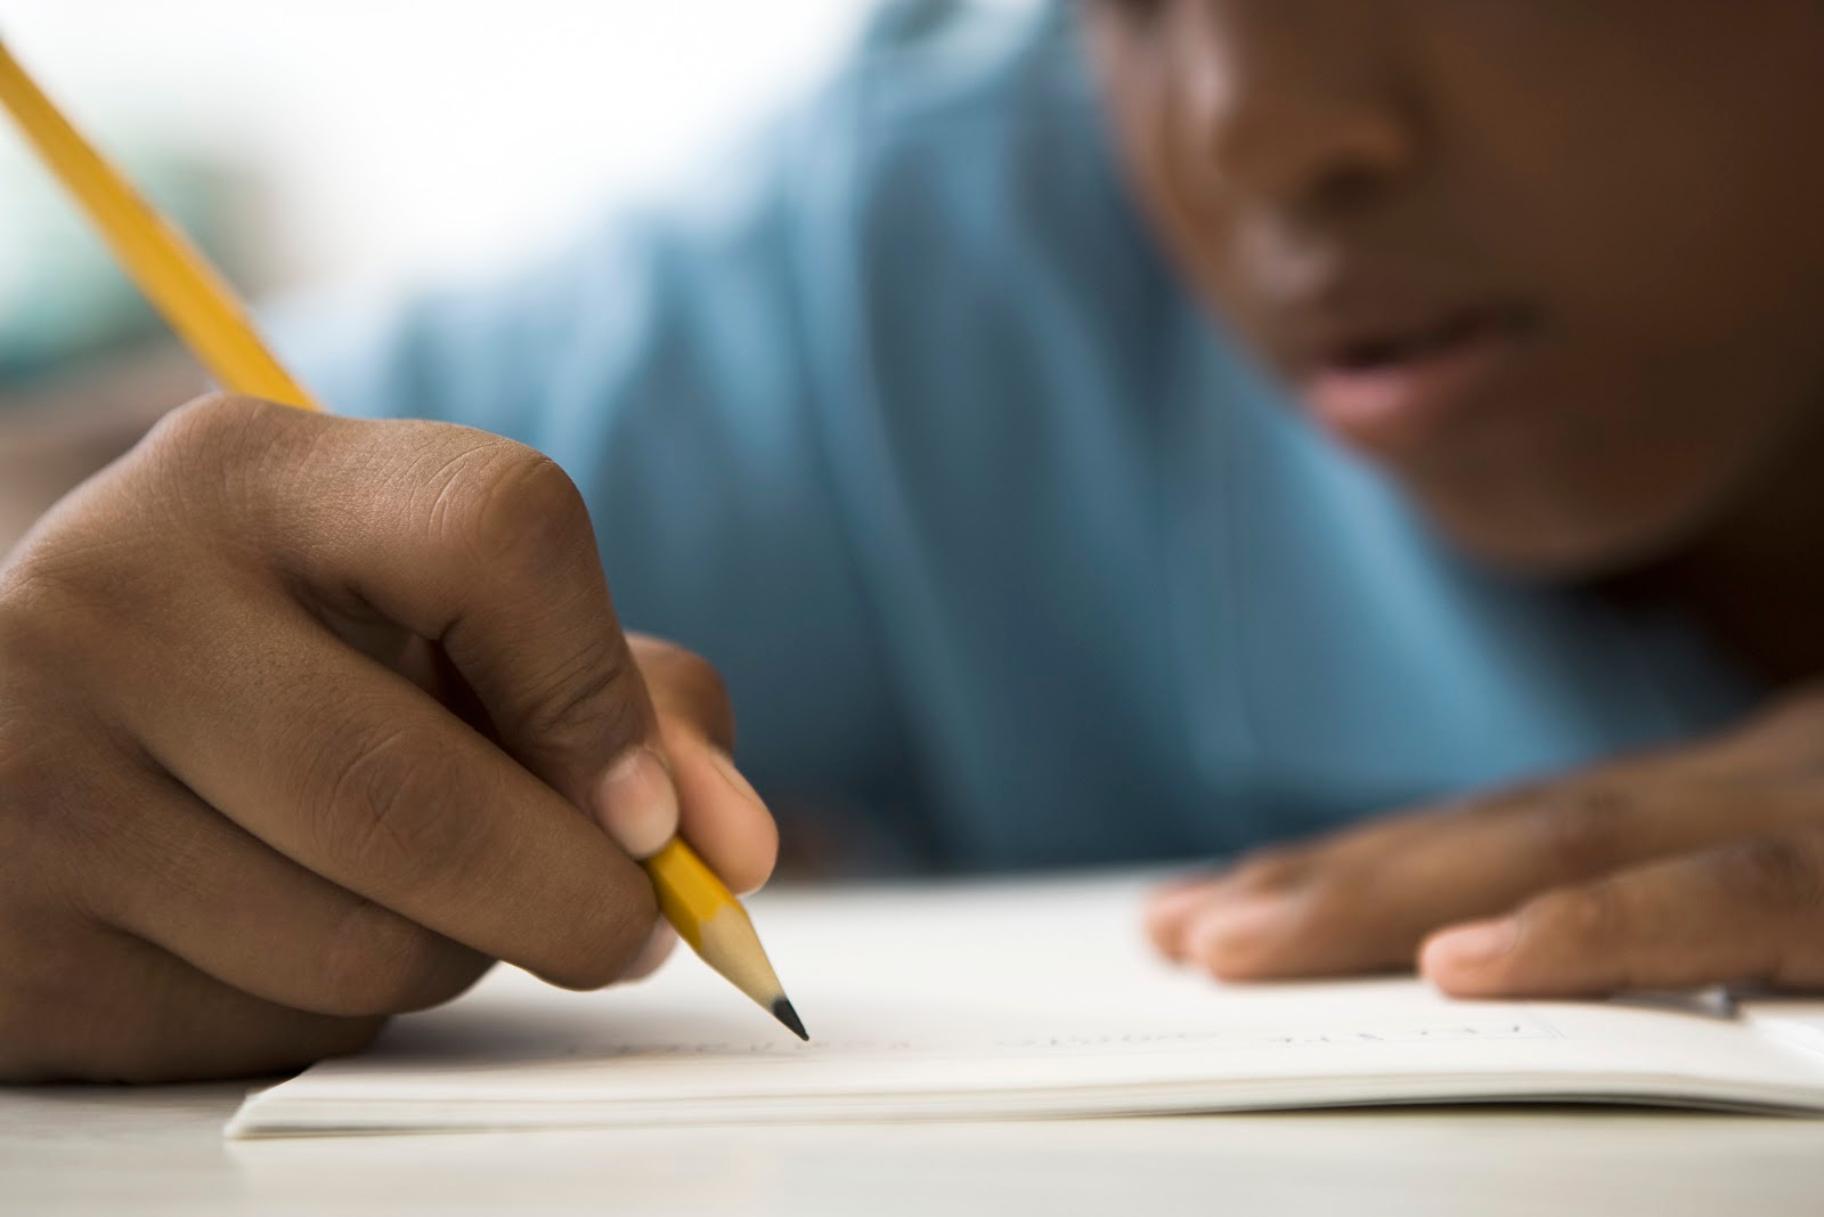 Õpetaja ütleb 10-aastasele mustanahalisele õpilasele, et politseinikud lasevad ta ühel päeval maha